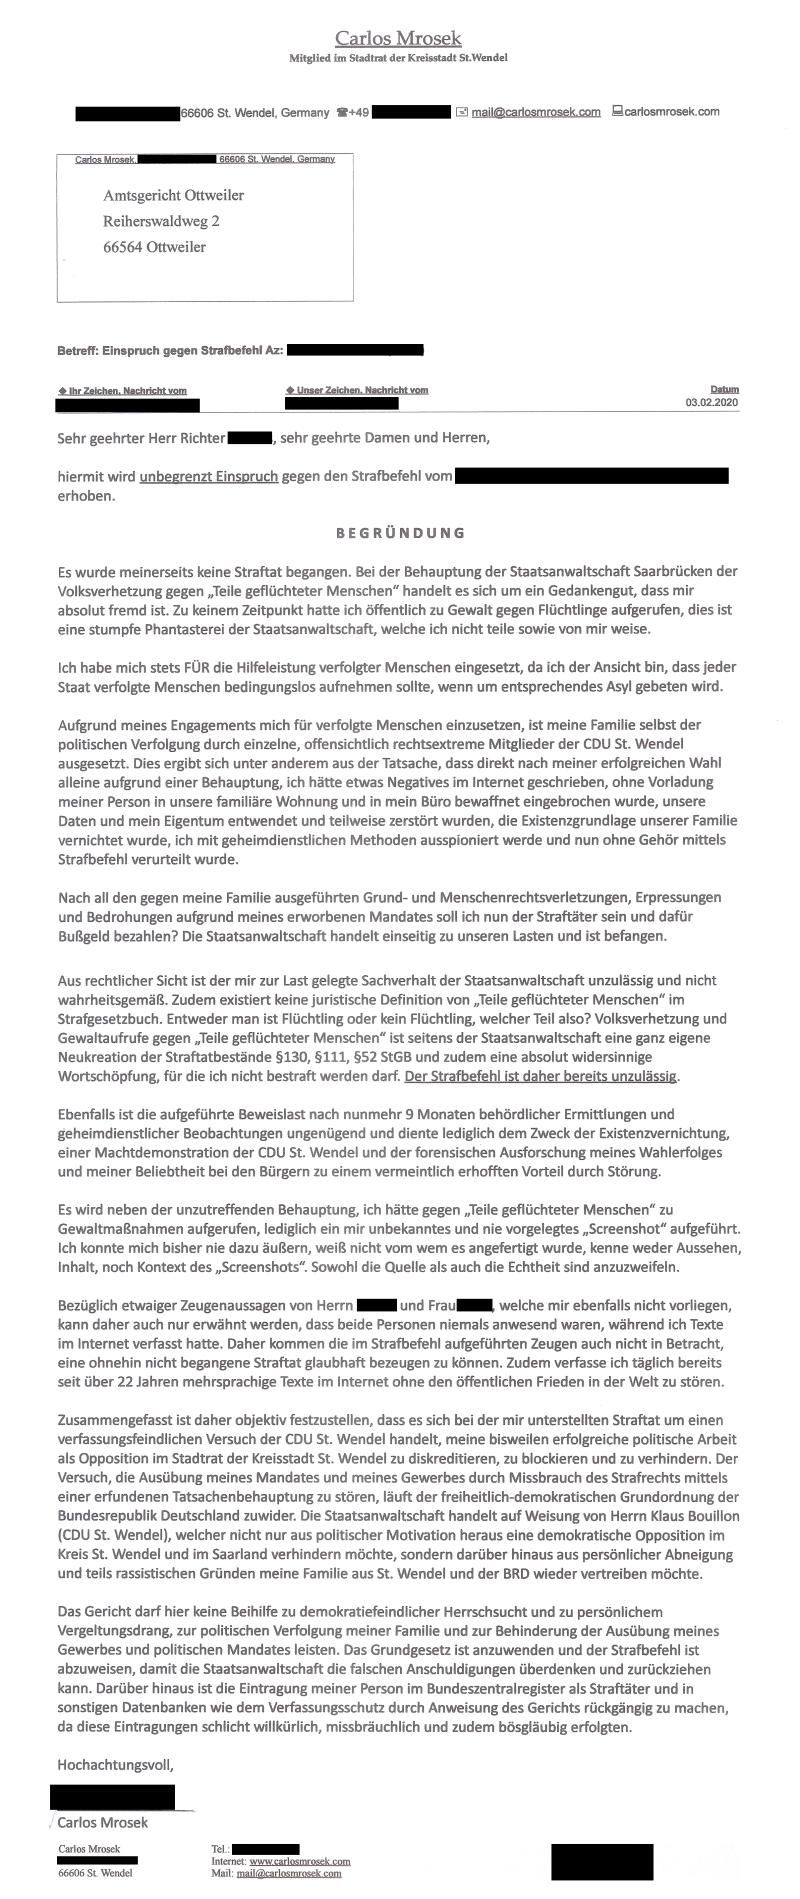 carlosmrosek.com 20200203 amtsgericht otw anonymisiert - Verfassungsfeindliche CDU St. Wendel - Ist das noch Demokratie oder kann das weg?